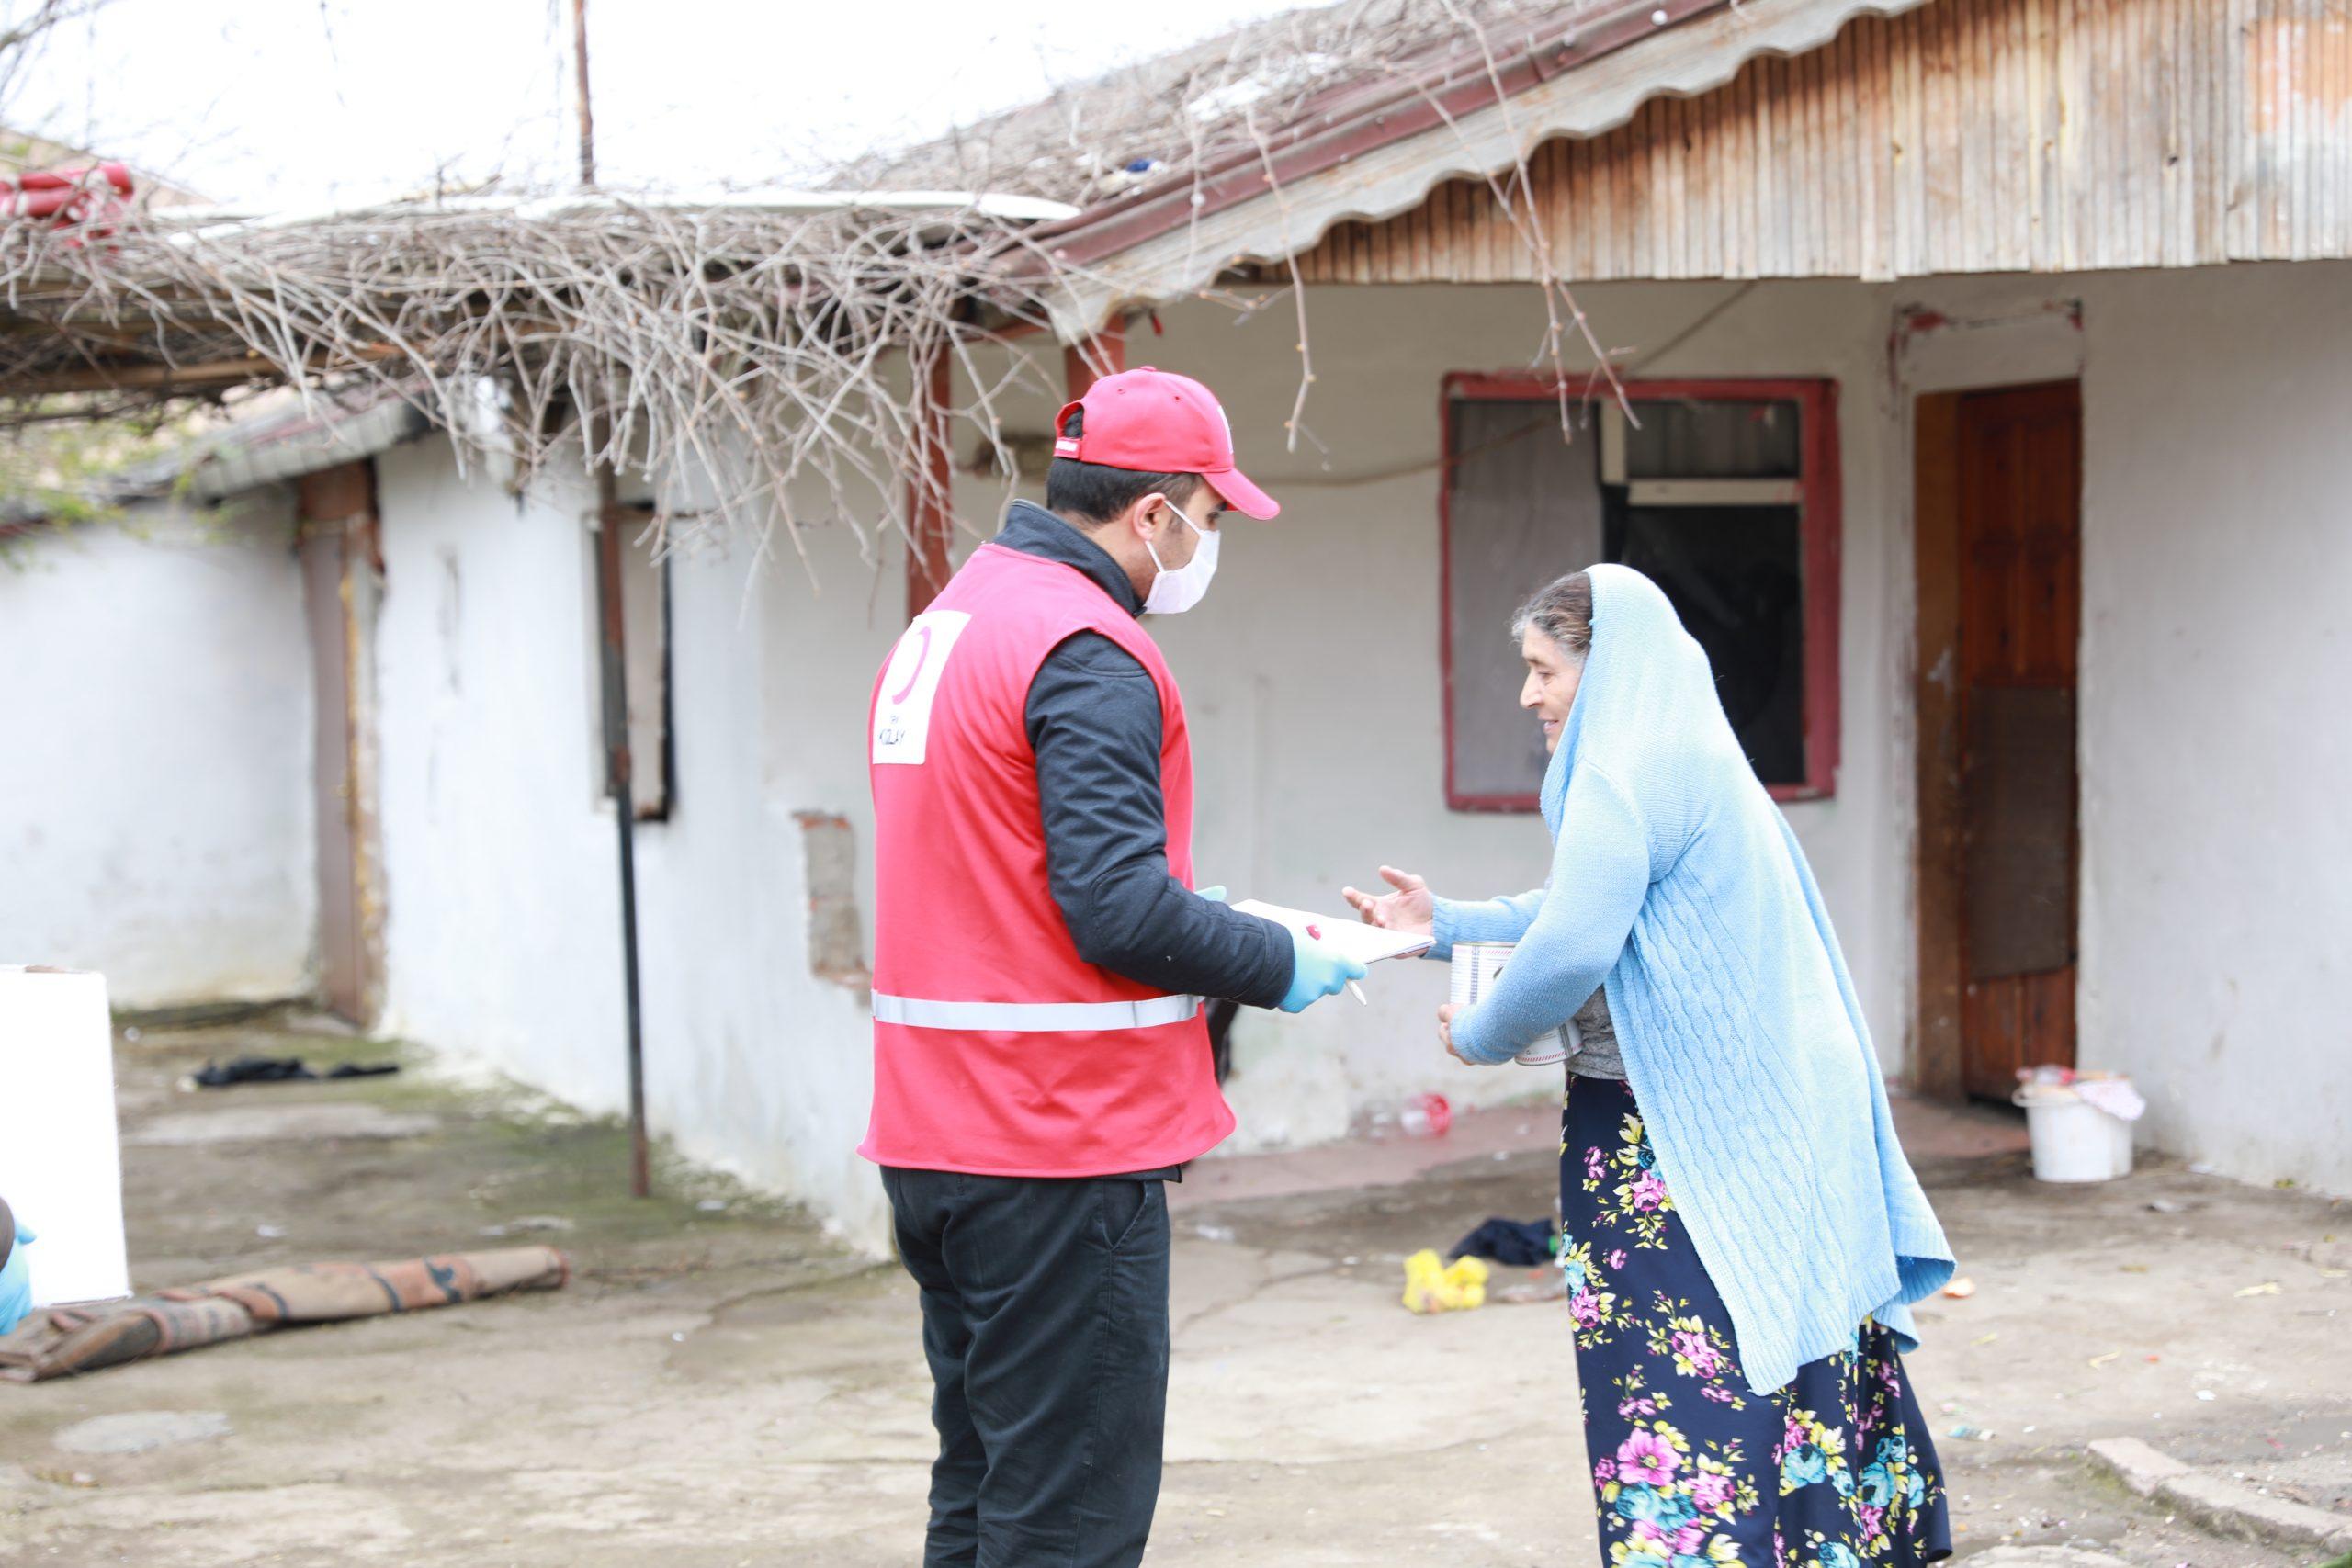 Kızılay ihtiyaç sahiplerine 65 bin gıda ve 72 bin hijyen kolisi ulaştırdı